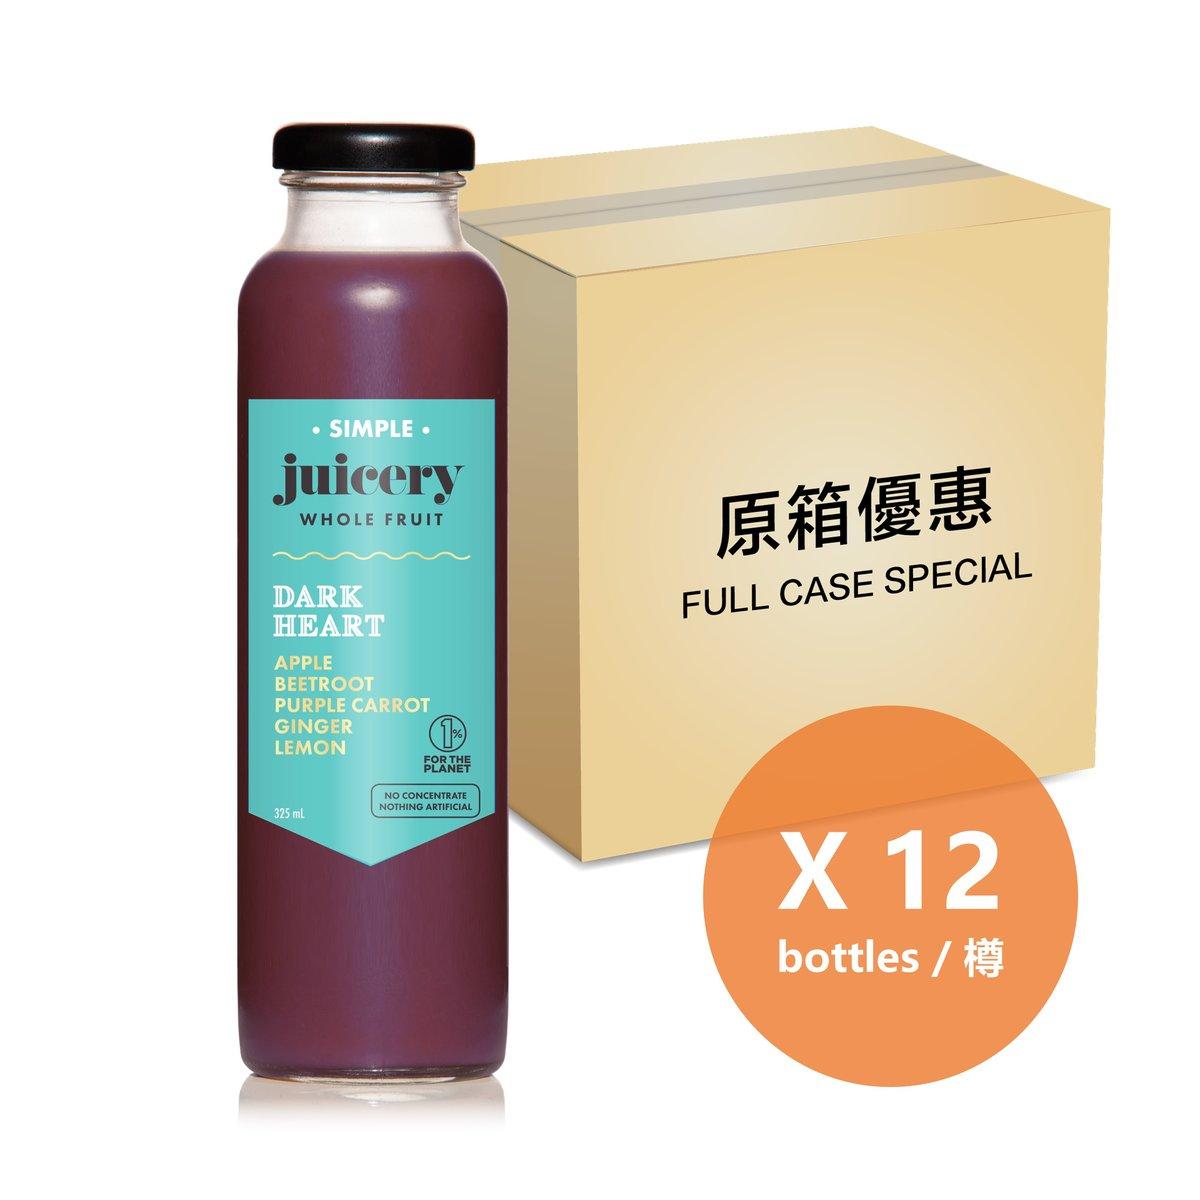 [原箱] 蘋果紅菜甘荀汁 - 325毫升樽裝